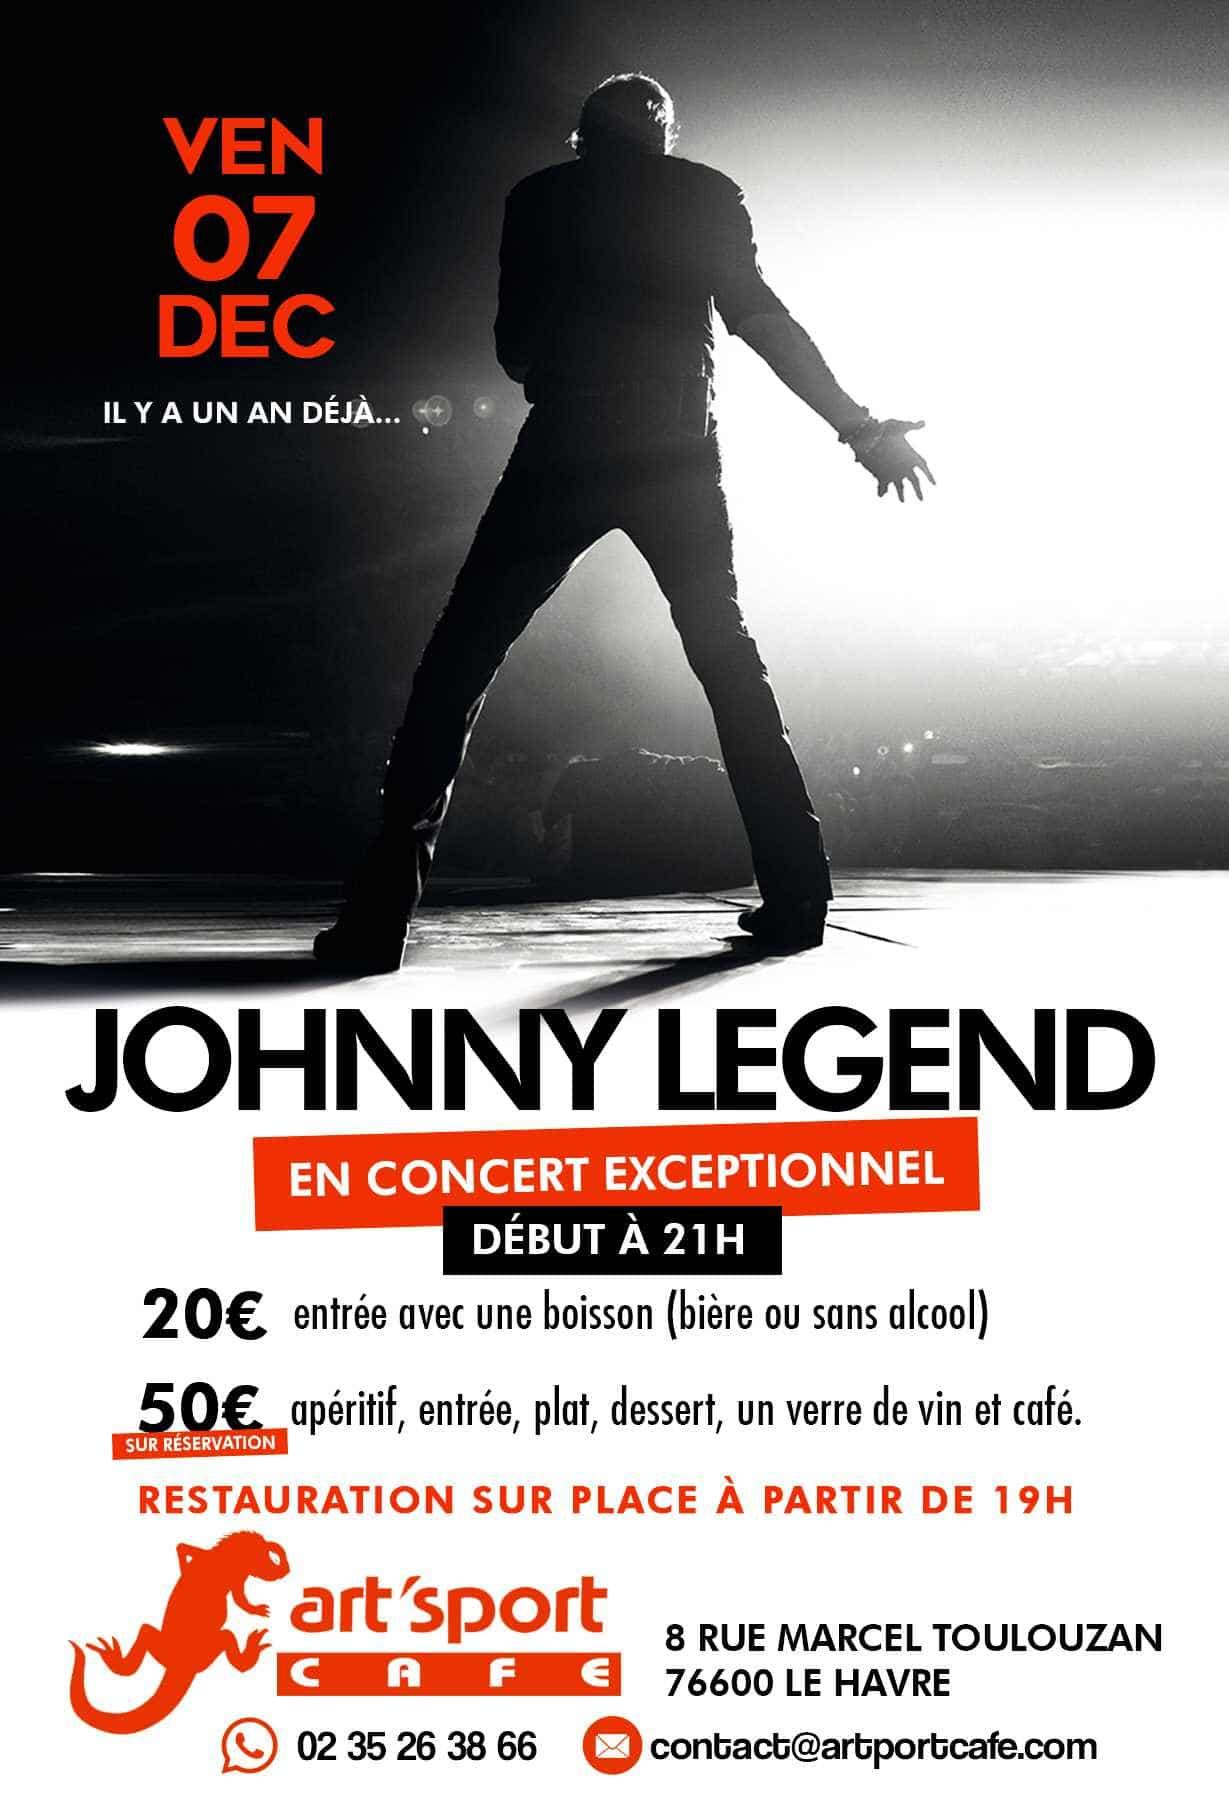 Johnny Legend 7 déc 2018